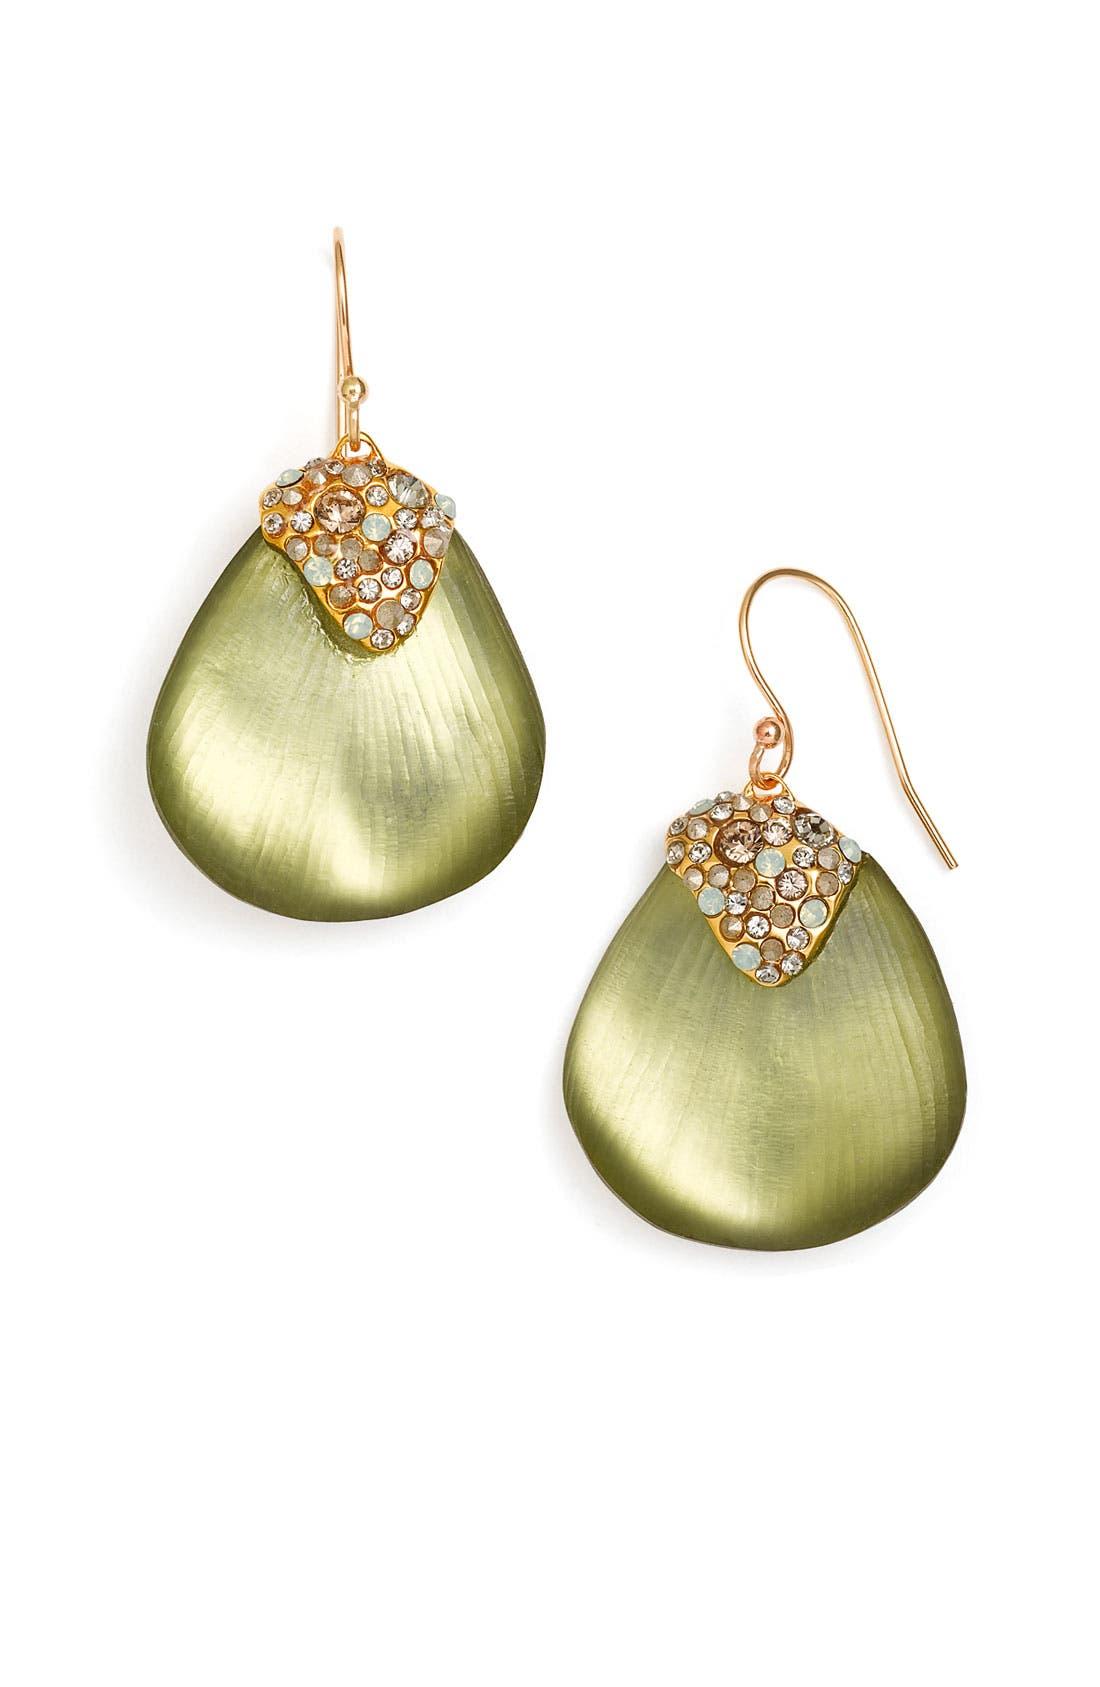 Alternate Image 1 Selected - Alexis Bittar 'Zanzibar' Small Rose Petal Earrings